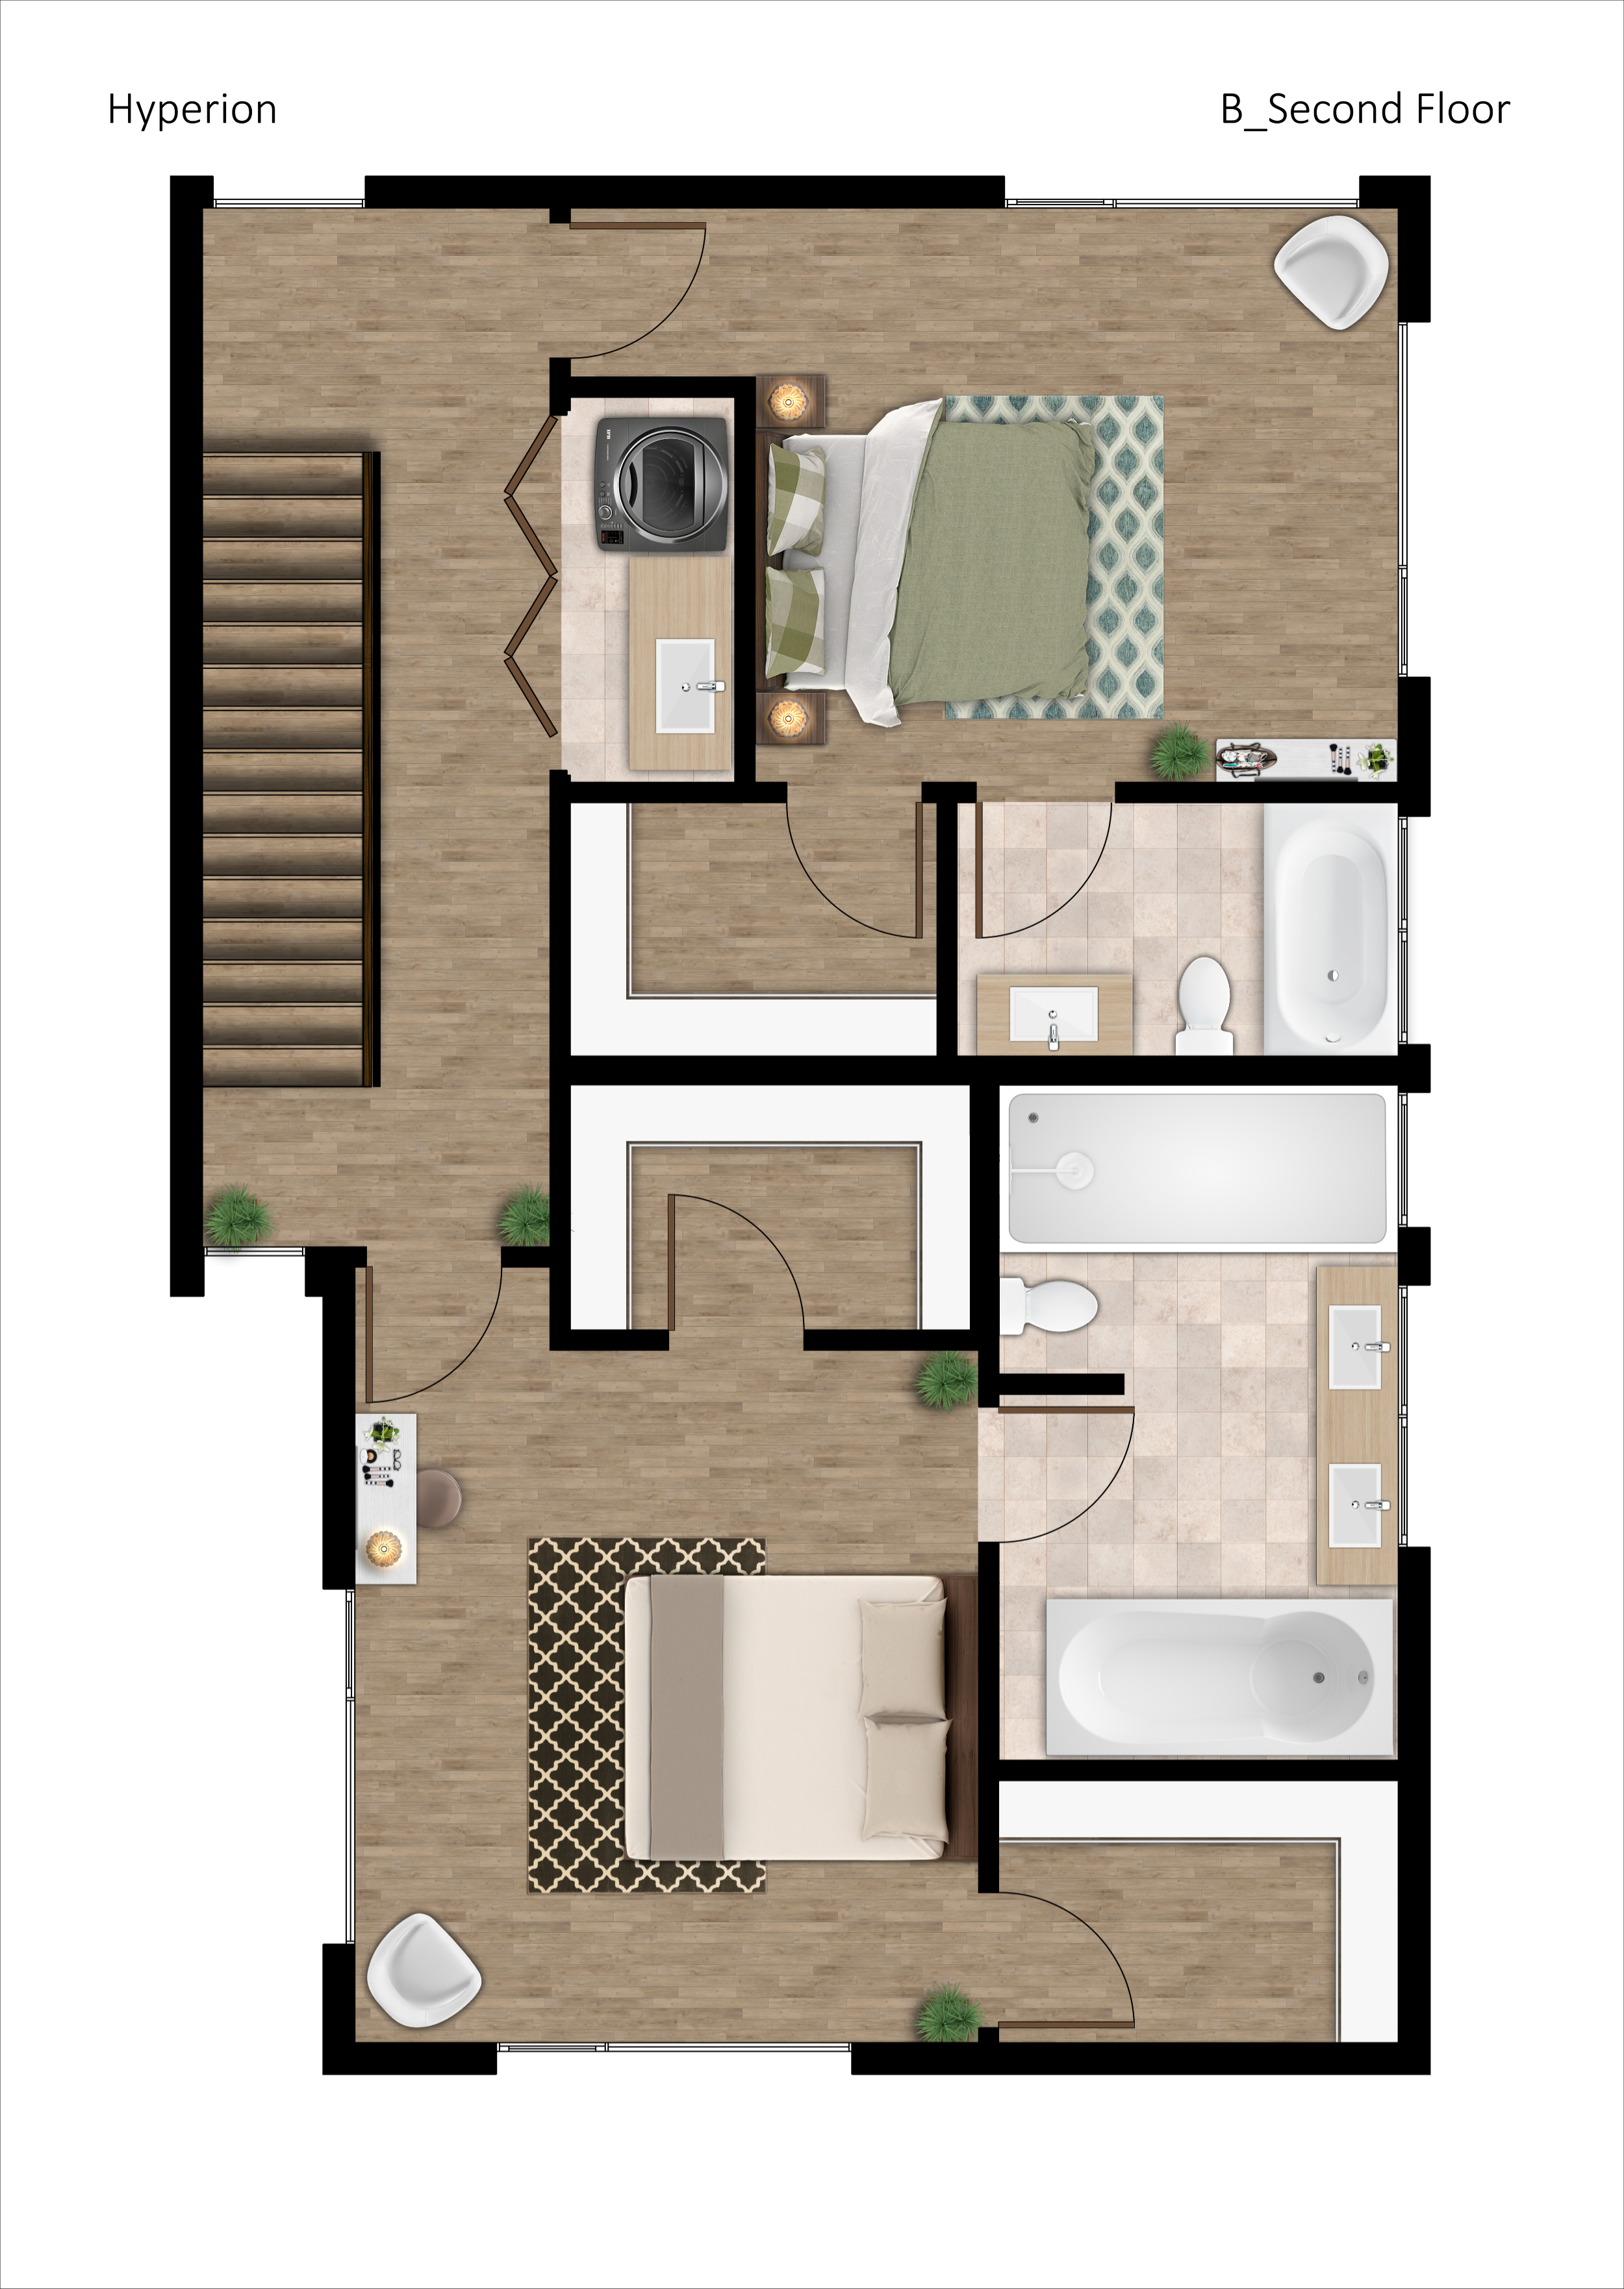 Hyperion_B_Second Floor_FNL.jpg